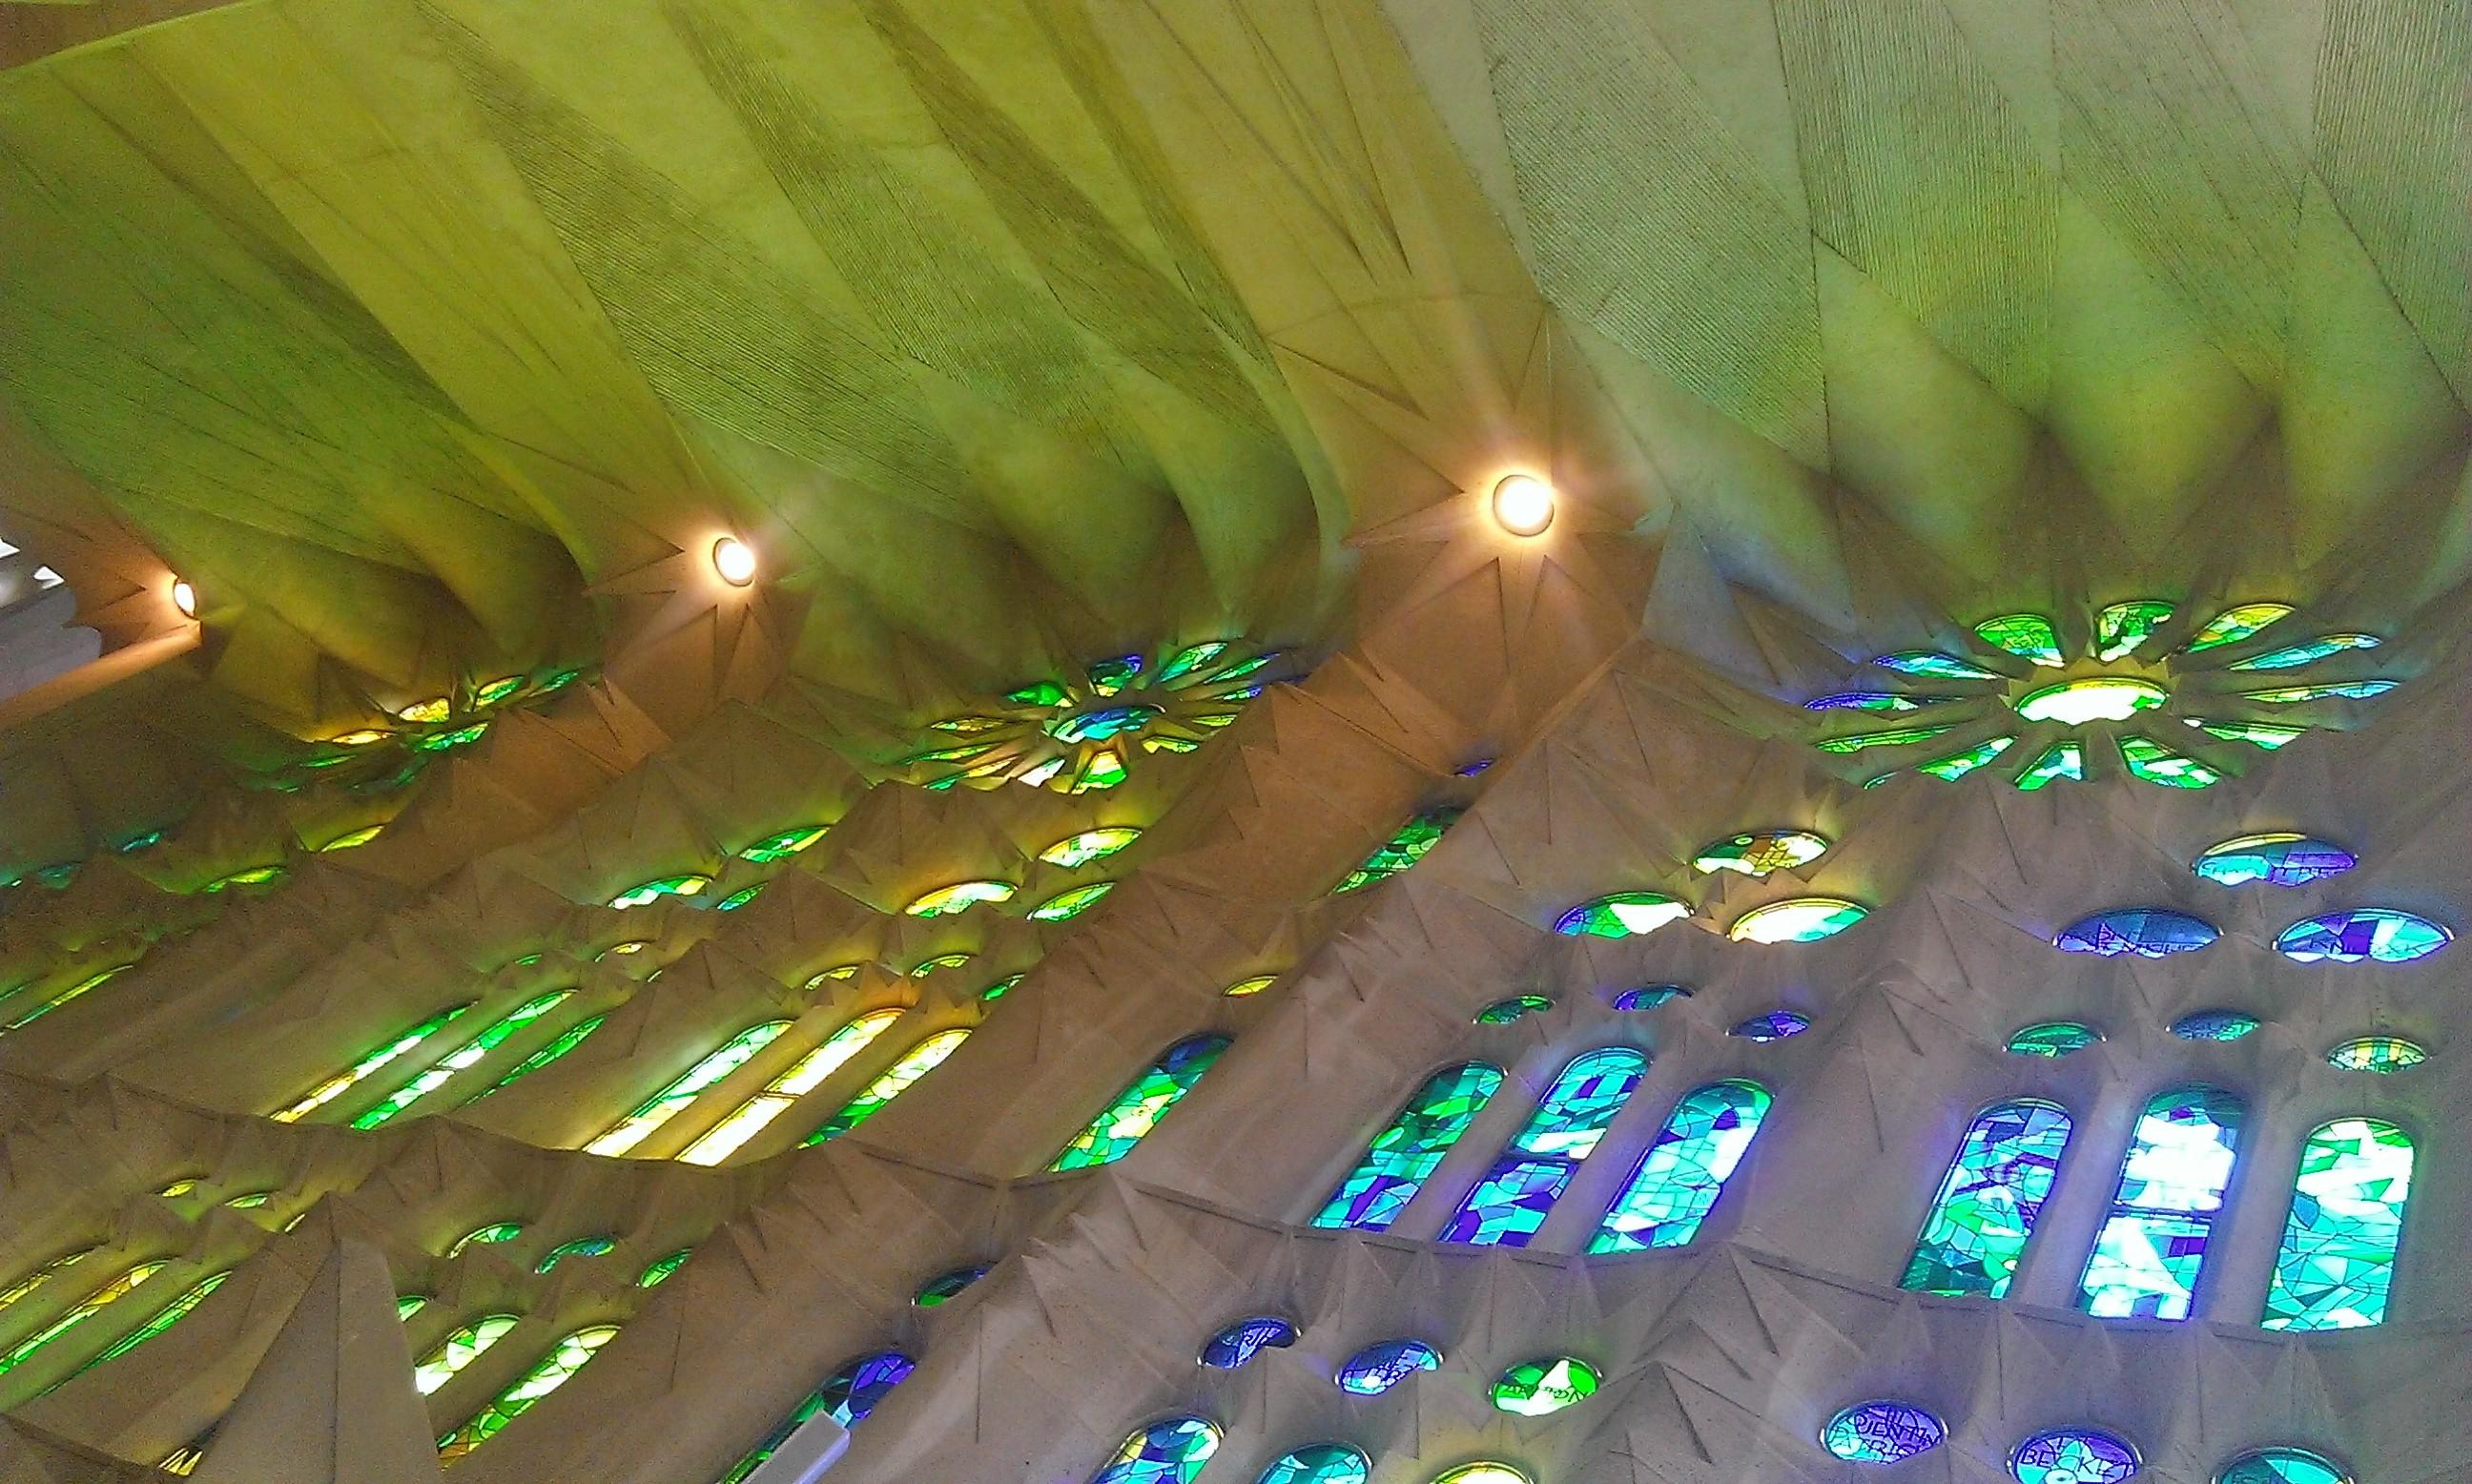 Vitraux de la Sagrada Família